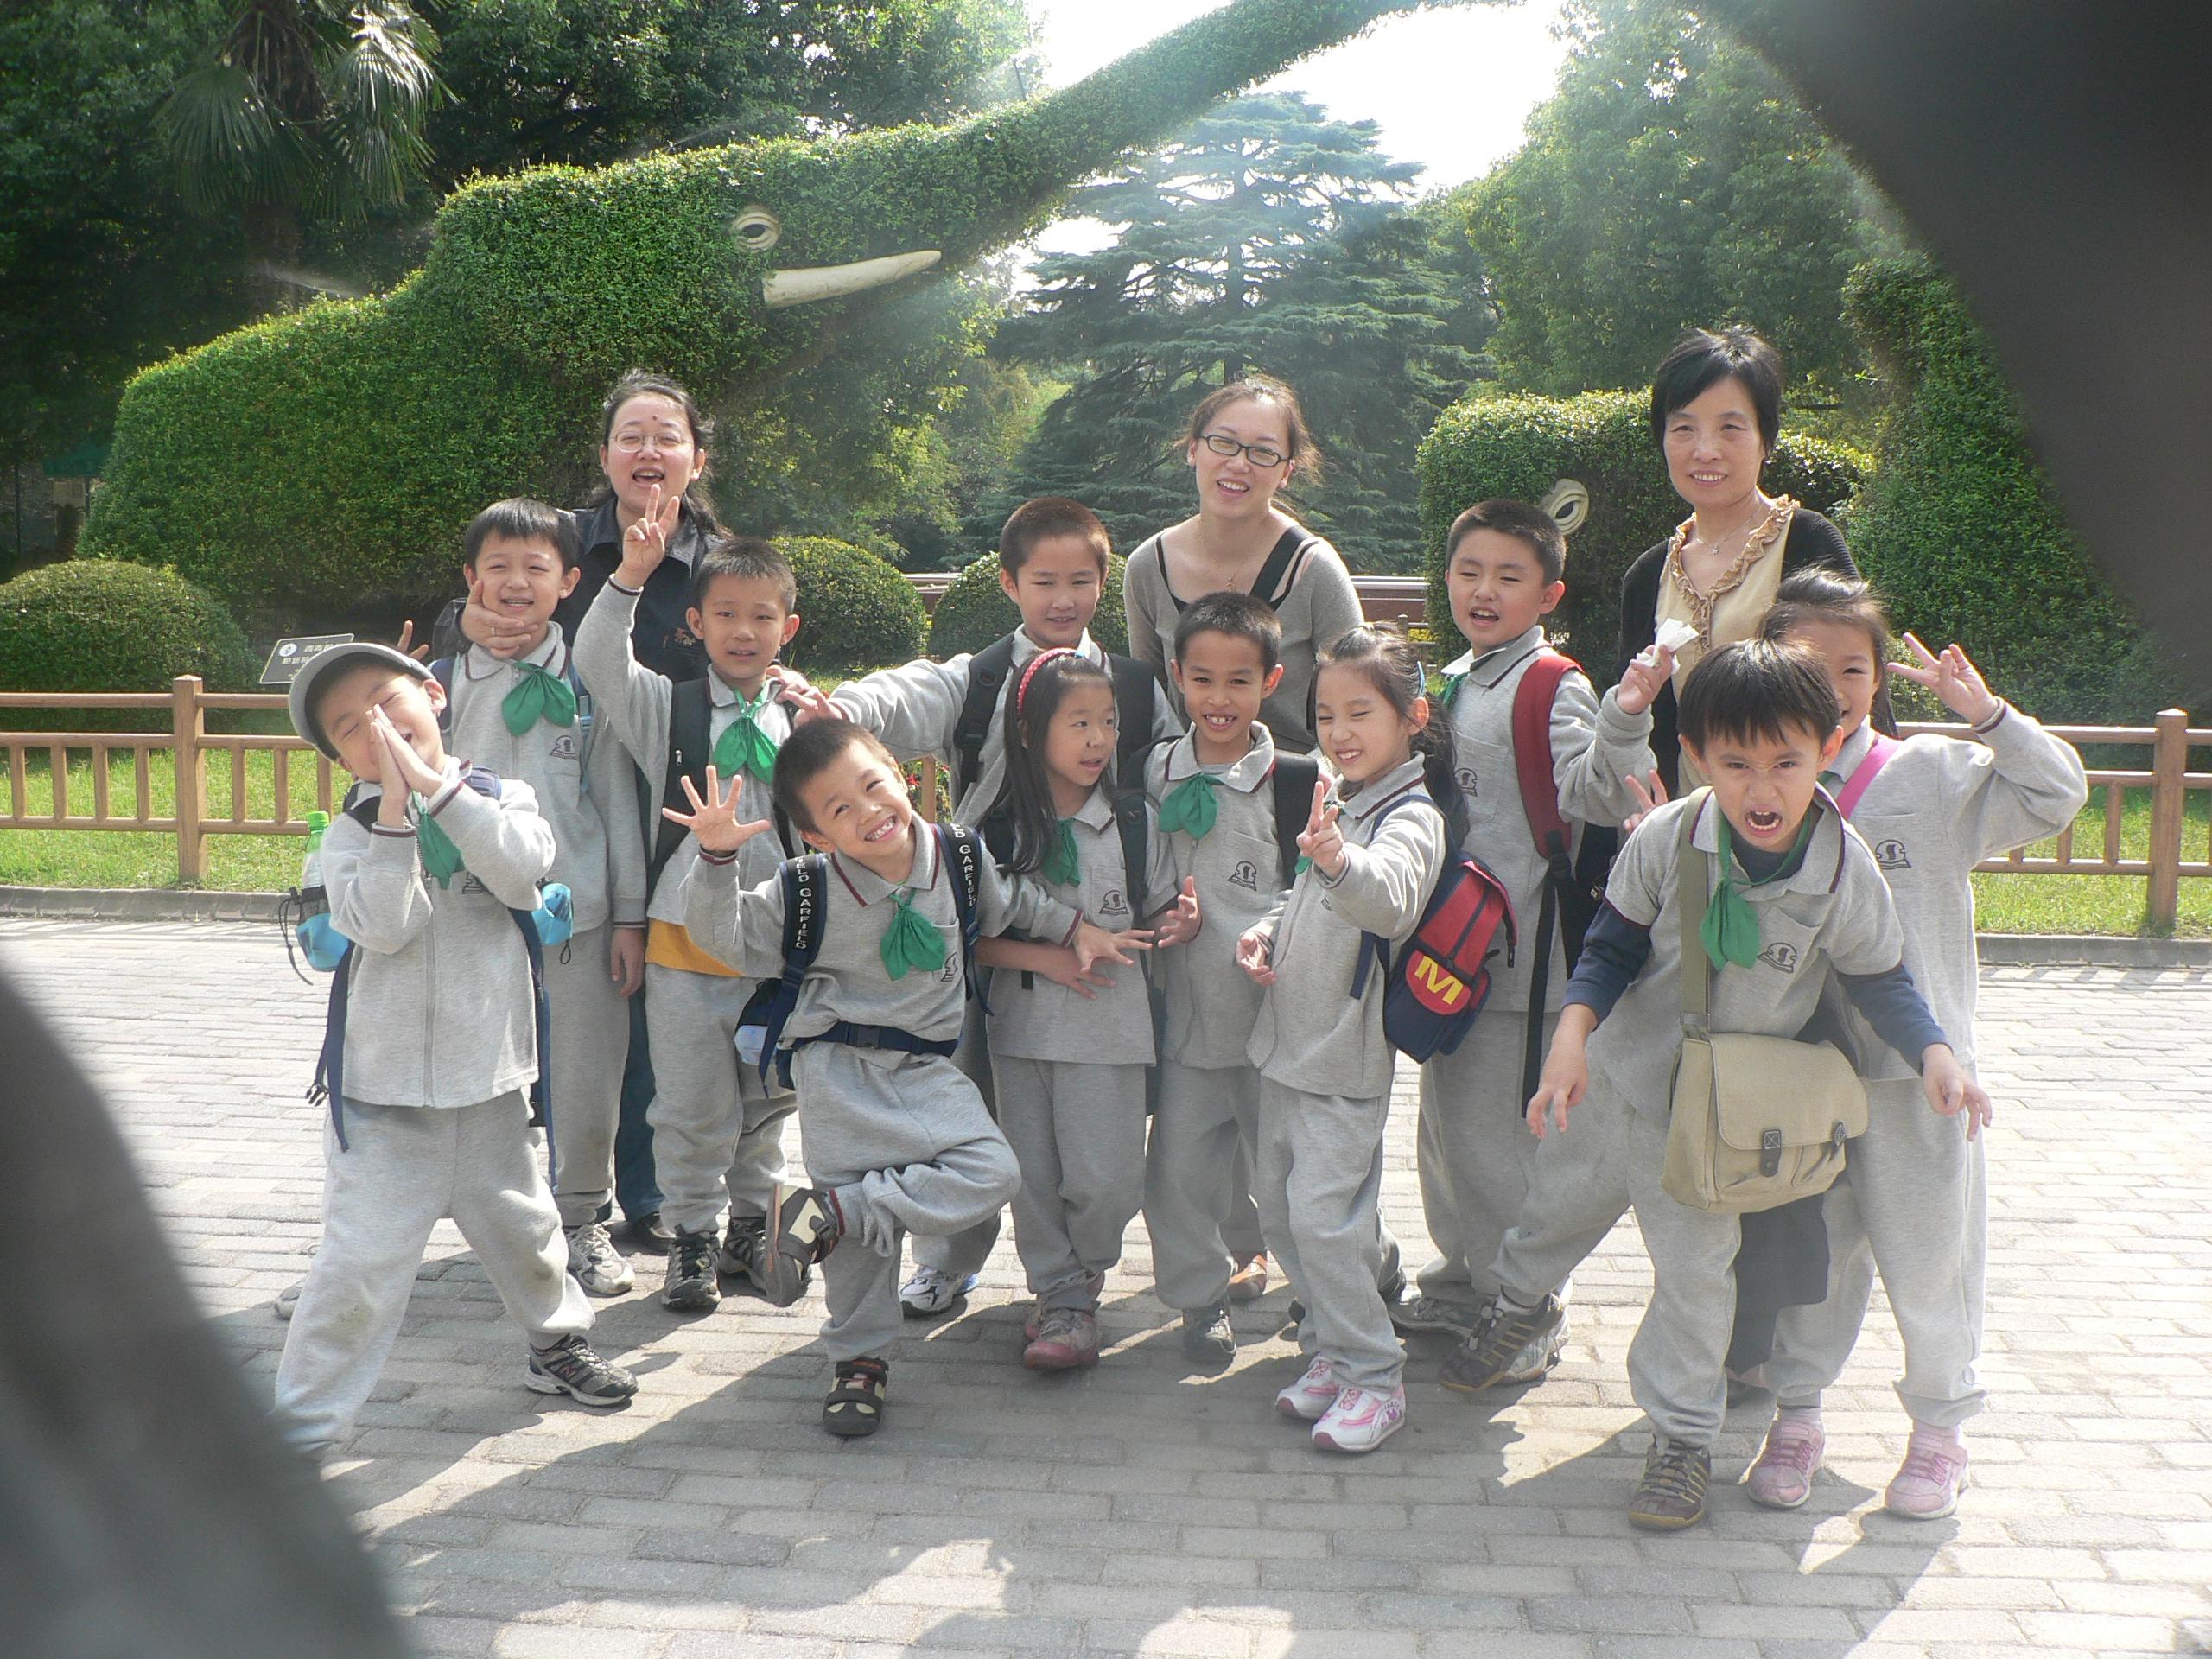 我们是2006年入学的上海市实验学校浦东校区的第一届境外班学生,我们跟随着爸爸妈妈从遥远的国度来到了上海,汇聚在实验这个大家庭中。我们分别来自美国,加拿大,澳大利亚,法国      在这里,我们幸运的相识了,并且组成了一个温暖友爱的集体。我们健康快乐,身心舒展;我们多才多艺,兴趣广泛;我们聪明好学,努力上进。我们中的每个人都很特别,都与众不同,也因此,我们从彼此身上学到了很多。我们互相关心,互相帮助,共同进步,我们在一起快乐地学习,快乐地游戏,快乐地渡过每一天。   在这里,可亲的班主任老师精